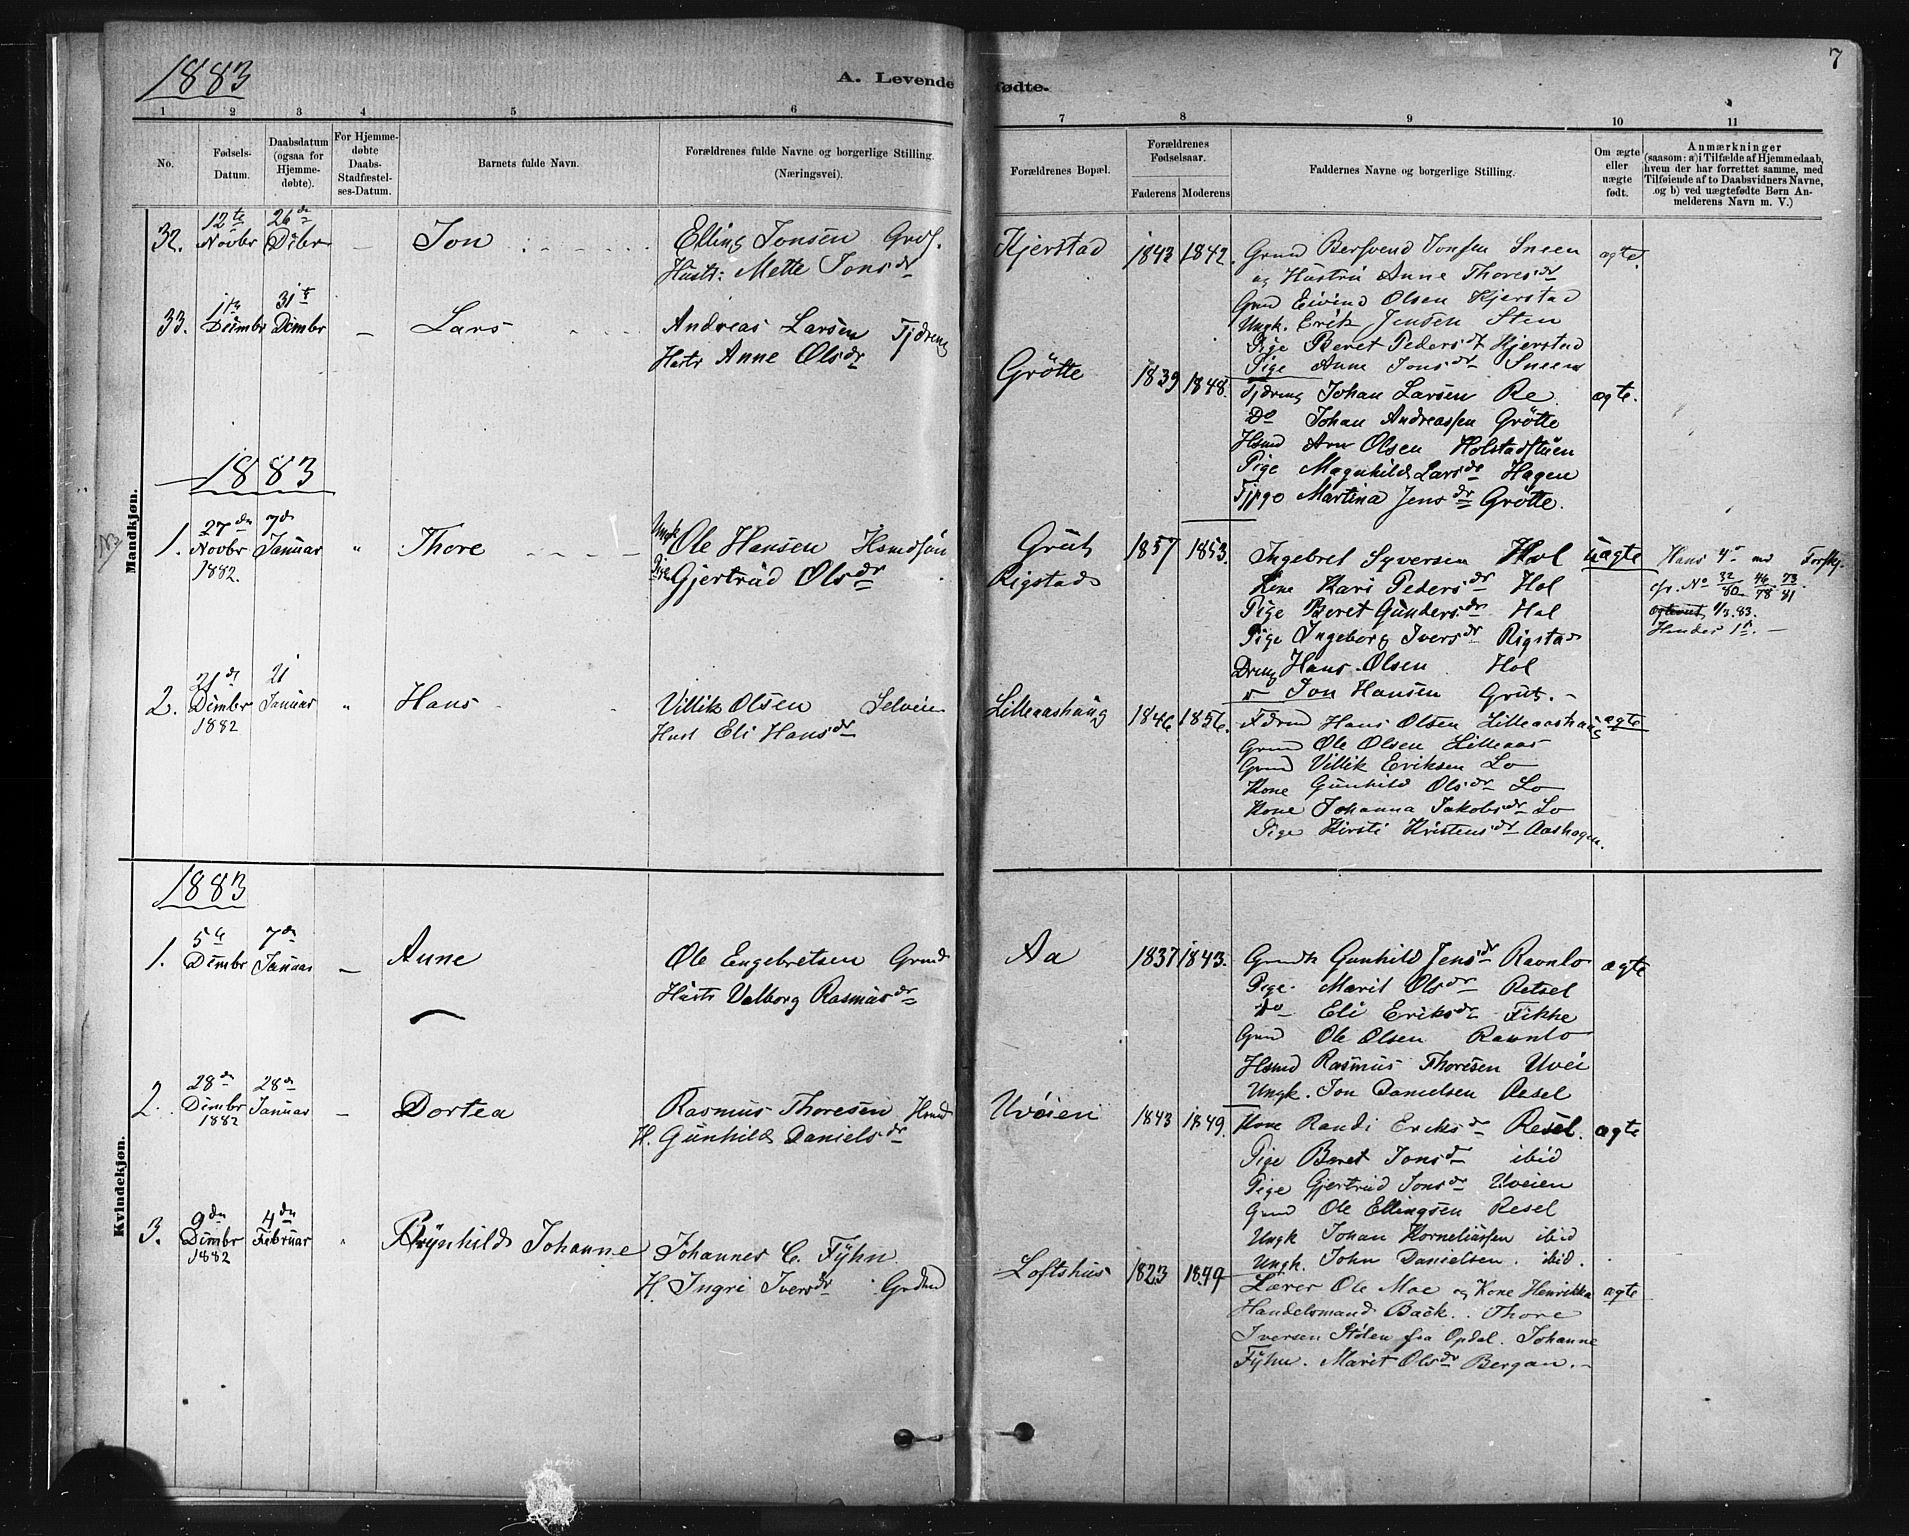 SAT, Ministerialprotokoller, klokkerbøker og fødselsregistre - Sør-Trøndelag, 672/L0857: Ministerialbok nr. 672A09, 1882-1893, s. 7